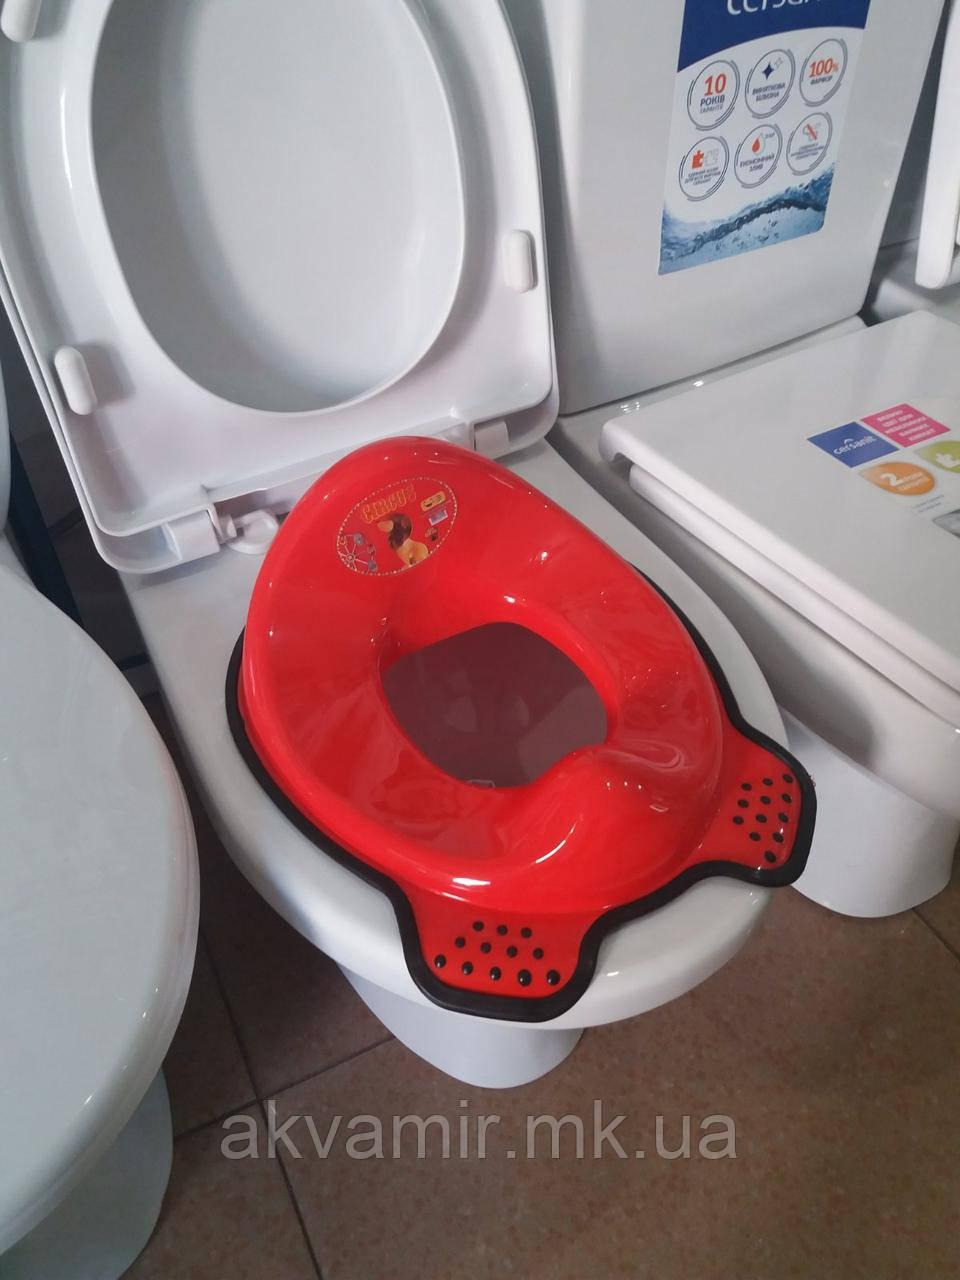 Детское сиденье-адаптер для унитаза (пластик)